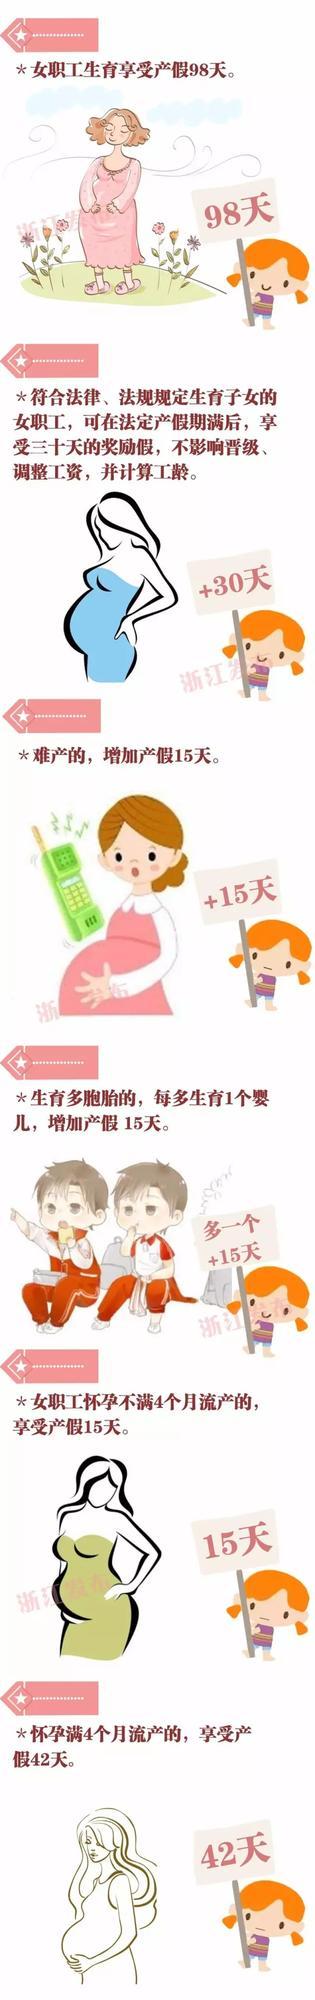 嘉兴女职工怀孕不满3个月 每天可带薪休息1小时